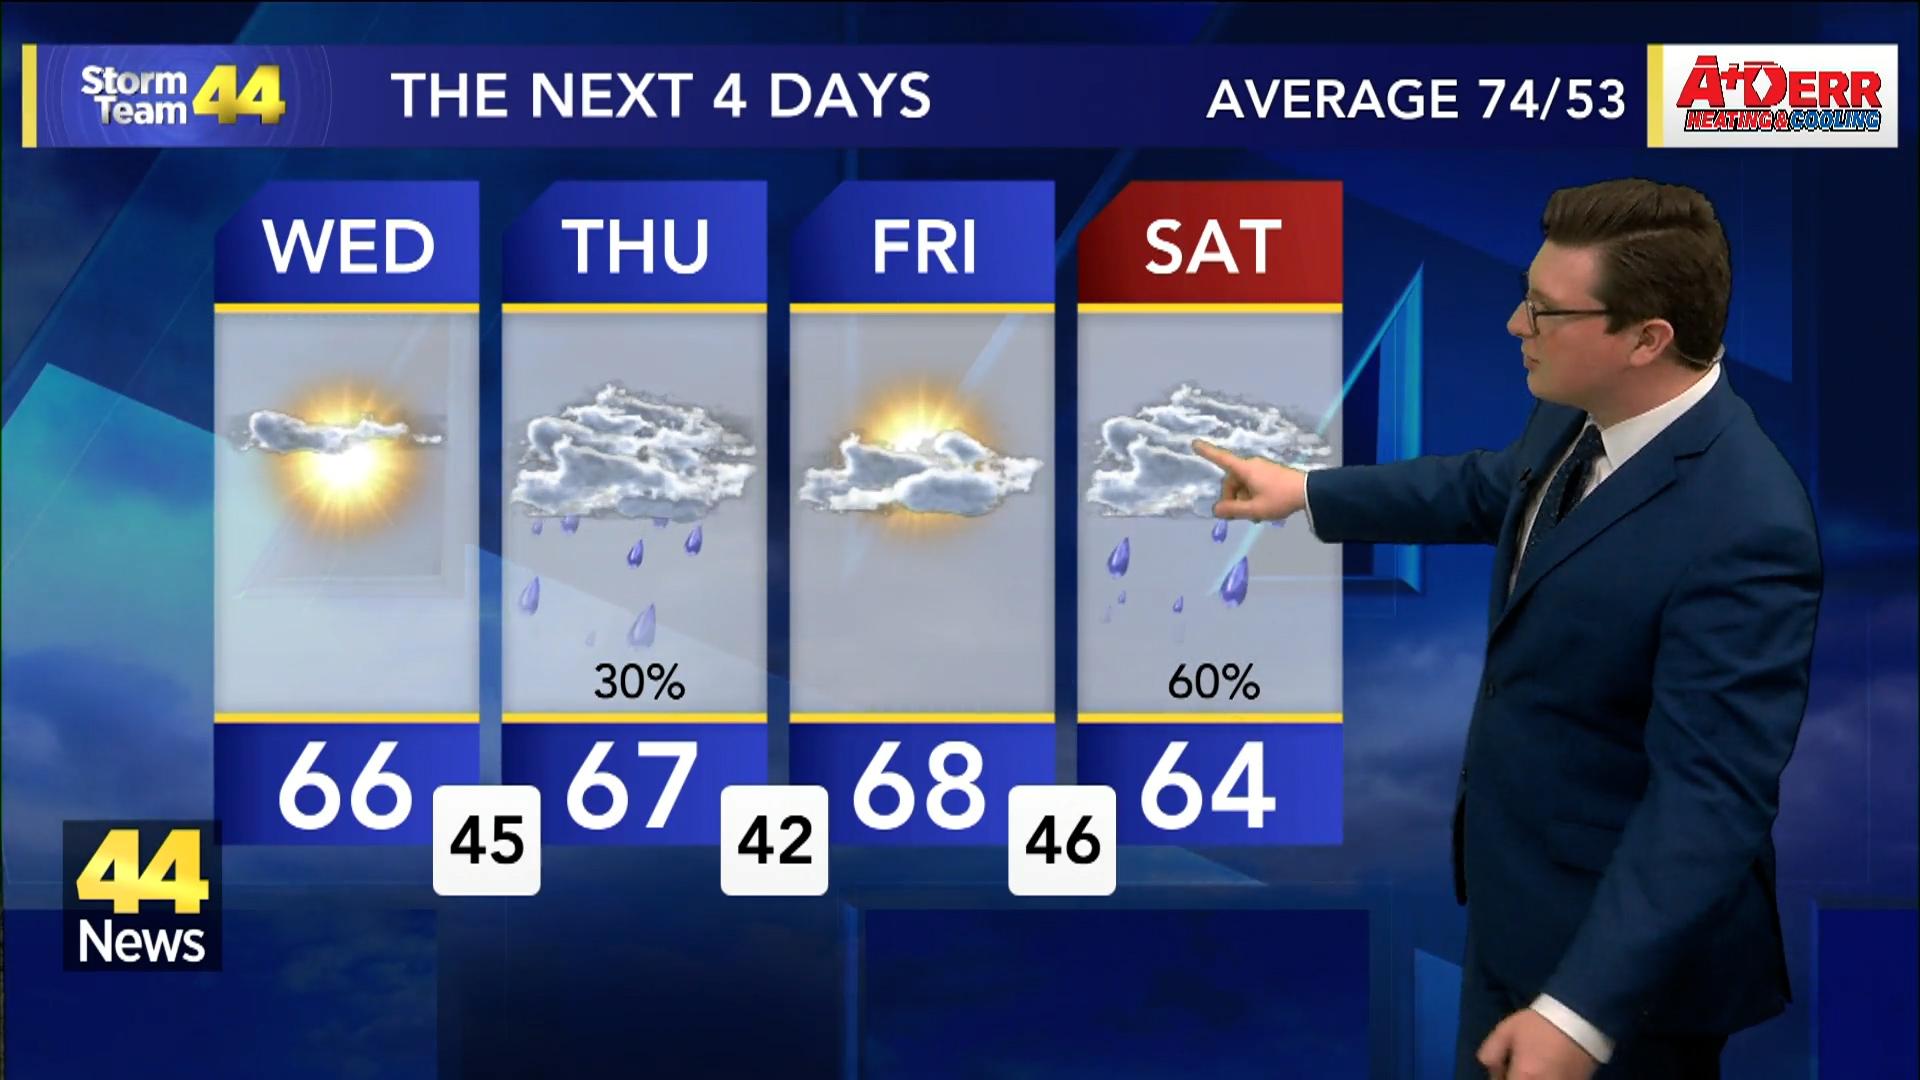 Image for Storm Team 44 Tuesday Evening Forecast